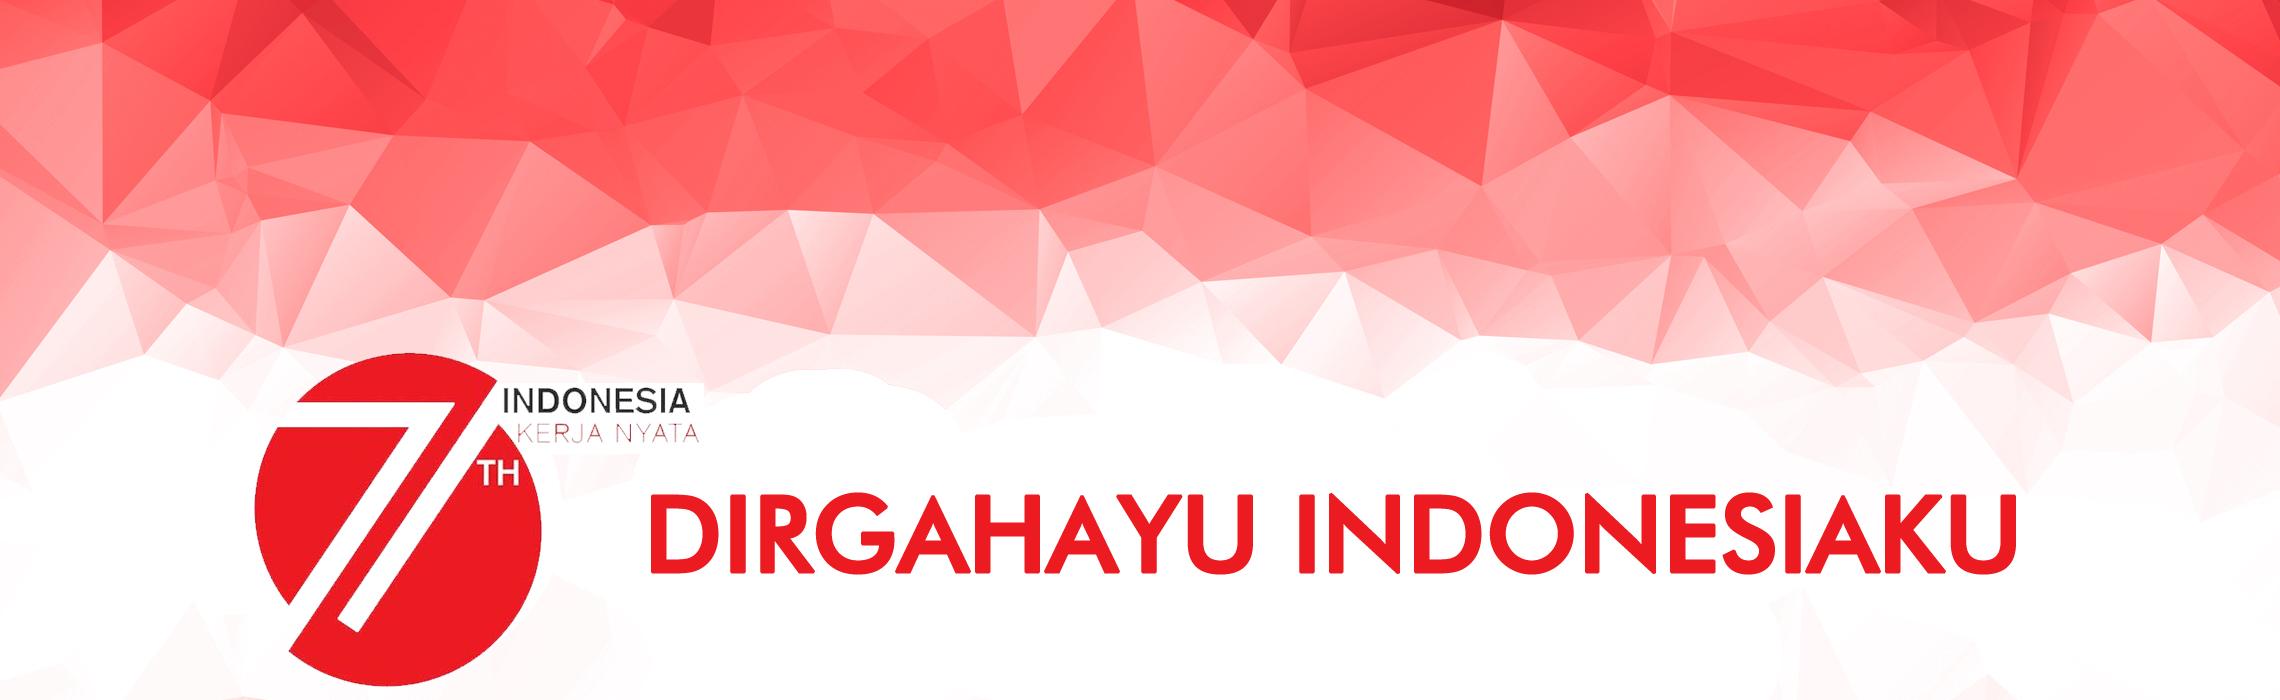 INDONESIA-MERDEKA-copy